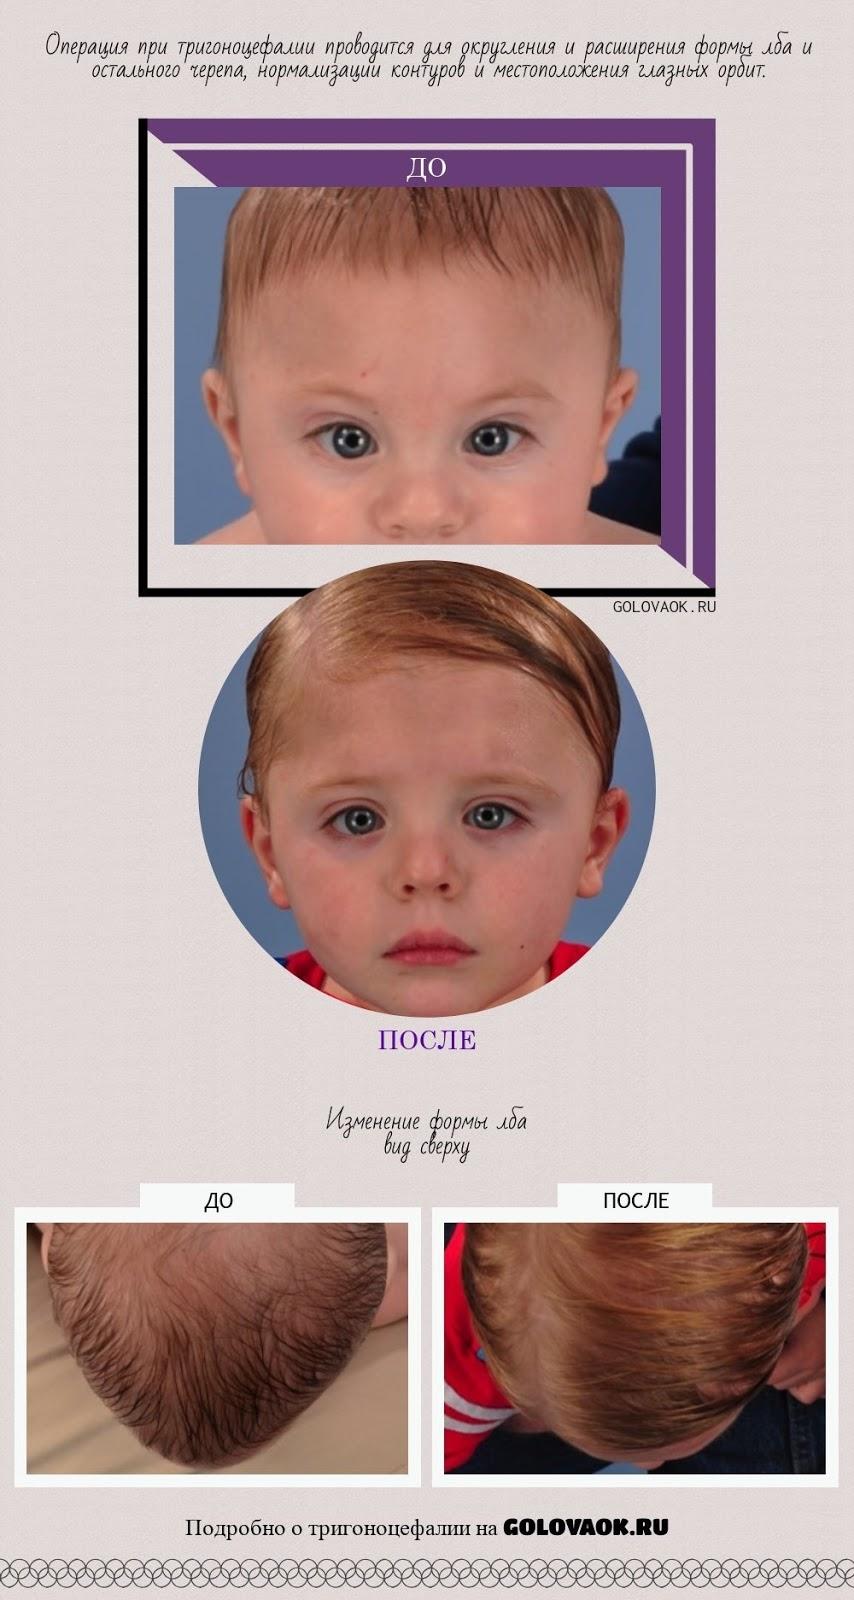 фото ребенка с тригоноцефалией до и после хирургического вмешательства